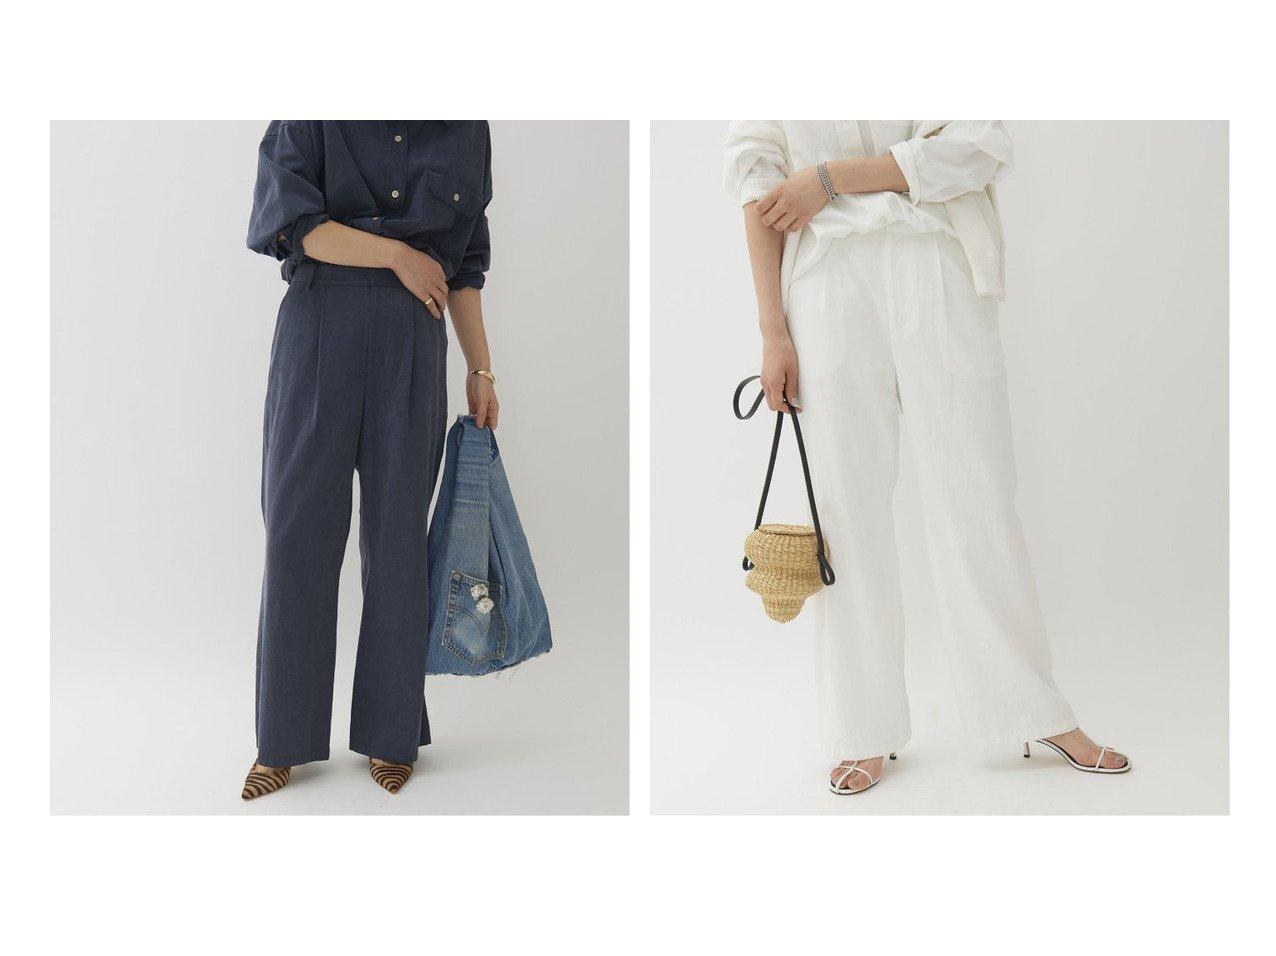 【Plage/プラージュ】のNidom biowasher パンツ パンツのおすすめ!人気、トレンド・レディースファッションの通販 おすすめで人気の流行・トレンド、ファッションの通販商品 メンズファッション・キッズファッション・インテリア・家具・レディースファッション・服の通販 founy(ファニー) https://founy.com/ ファッション Fashion レディースファッション WOMEN パンツ Pants 2021年 2021 2021 春夏 S/S SS Spring/Summer 2021 S/S 春夏 SS Spring/Summer スタンダード トレンド フレア 今季  ID:crp329100000024956